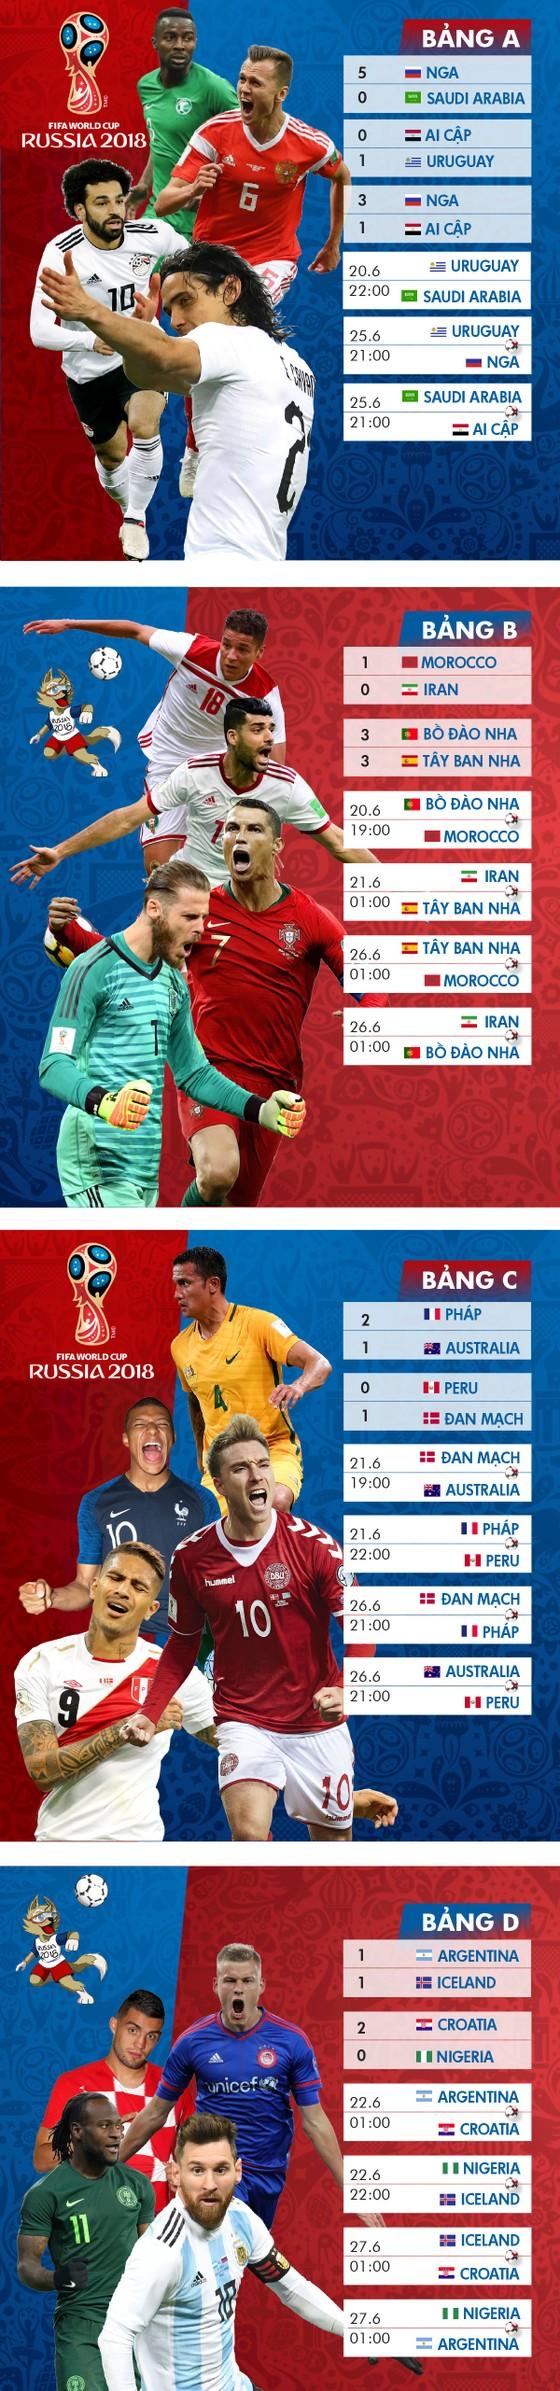 Lịch thi đấu WORLD CUP 2018 (giai đoạn 2) - chia theo bảng ảnh 1